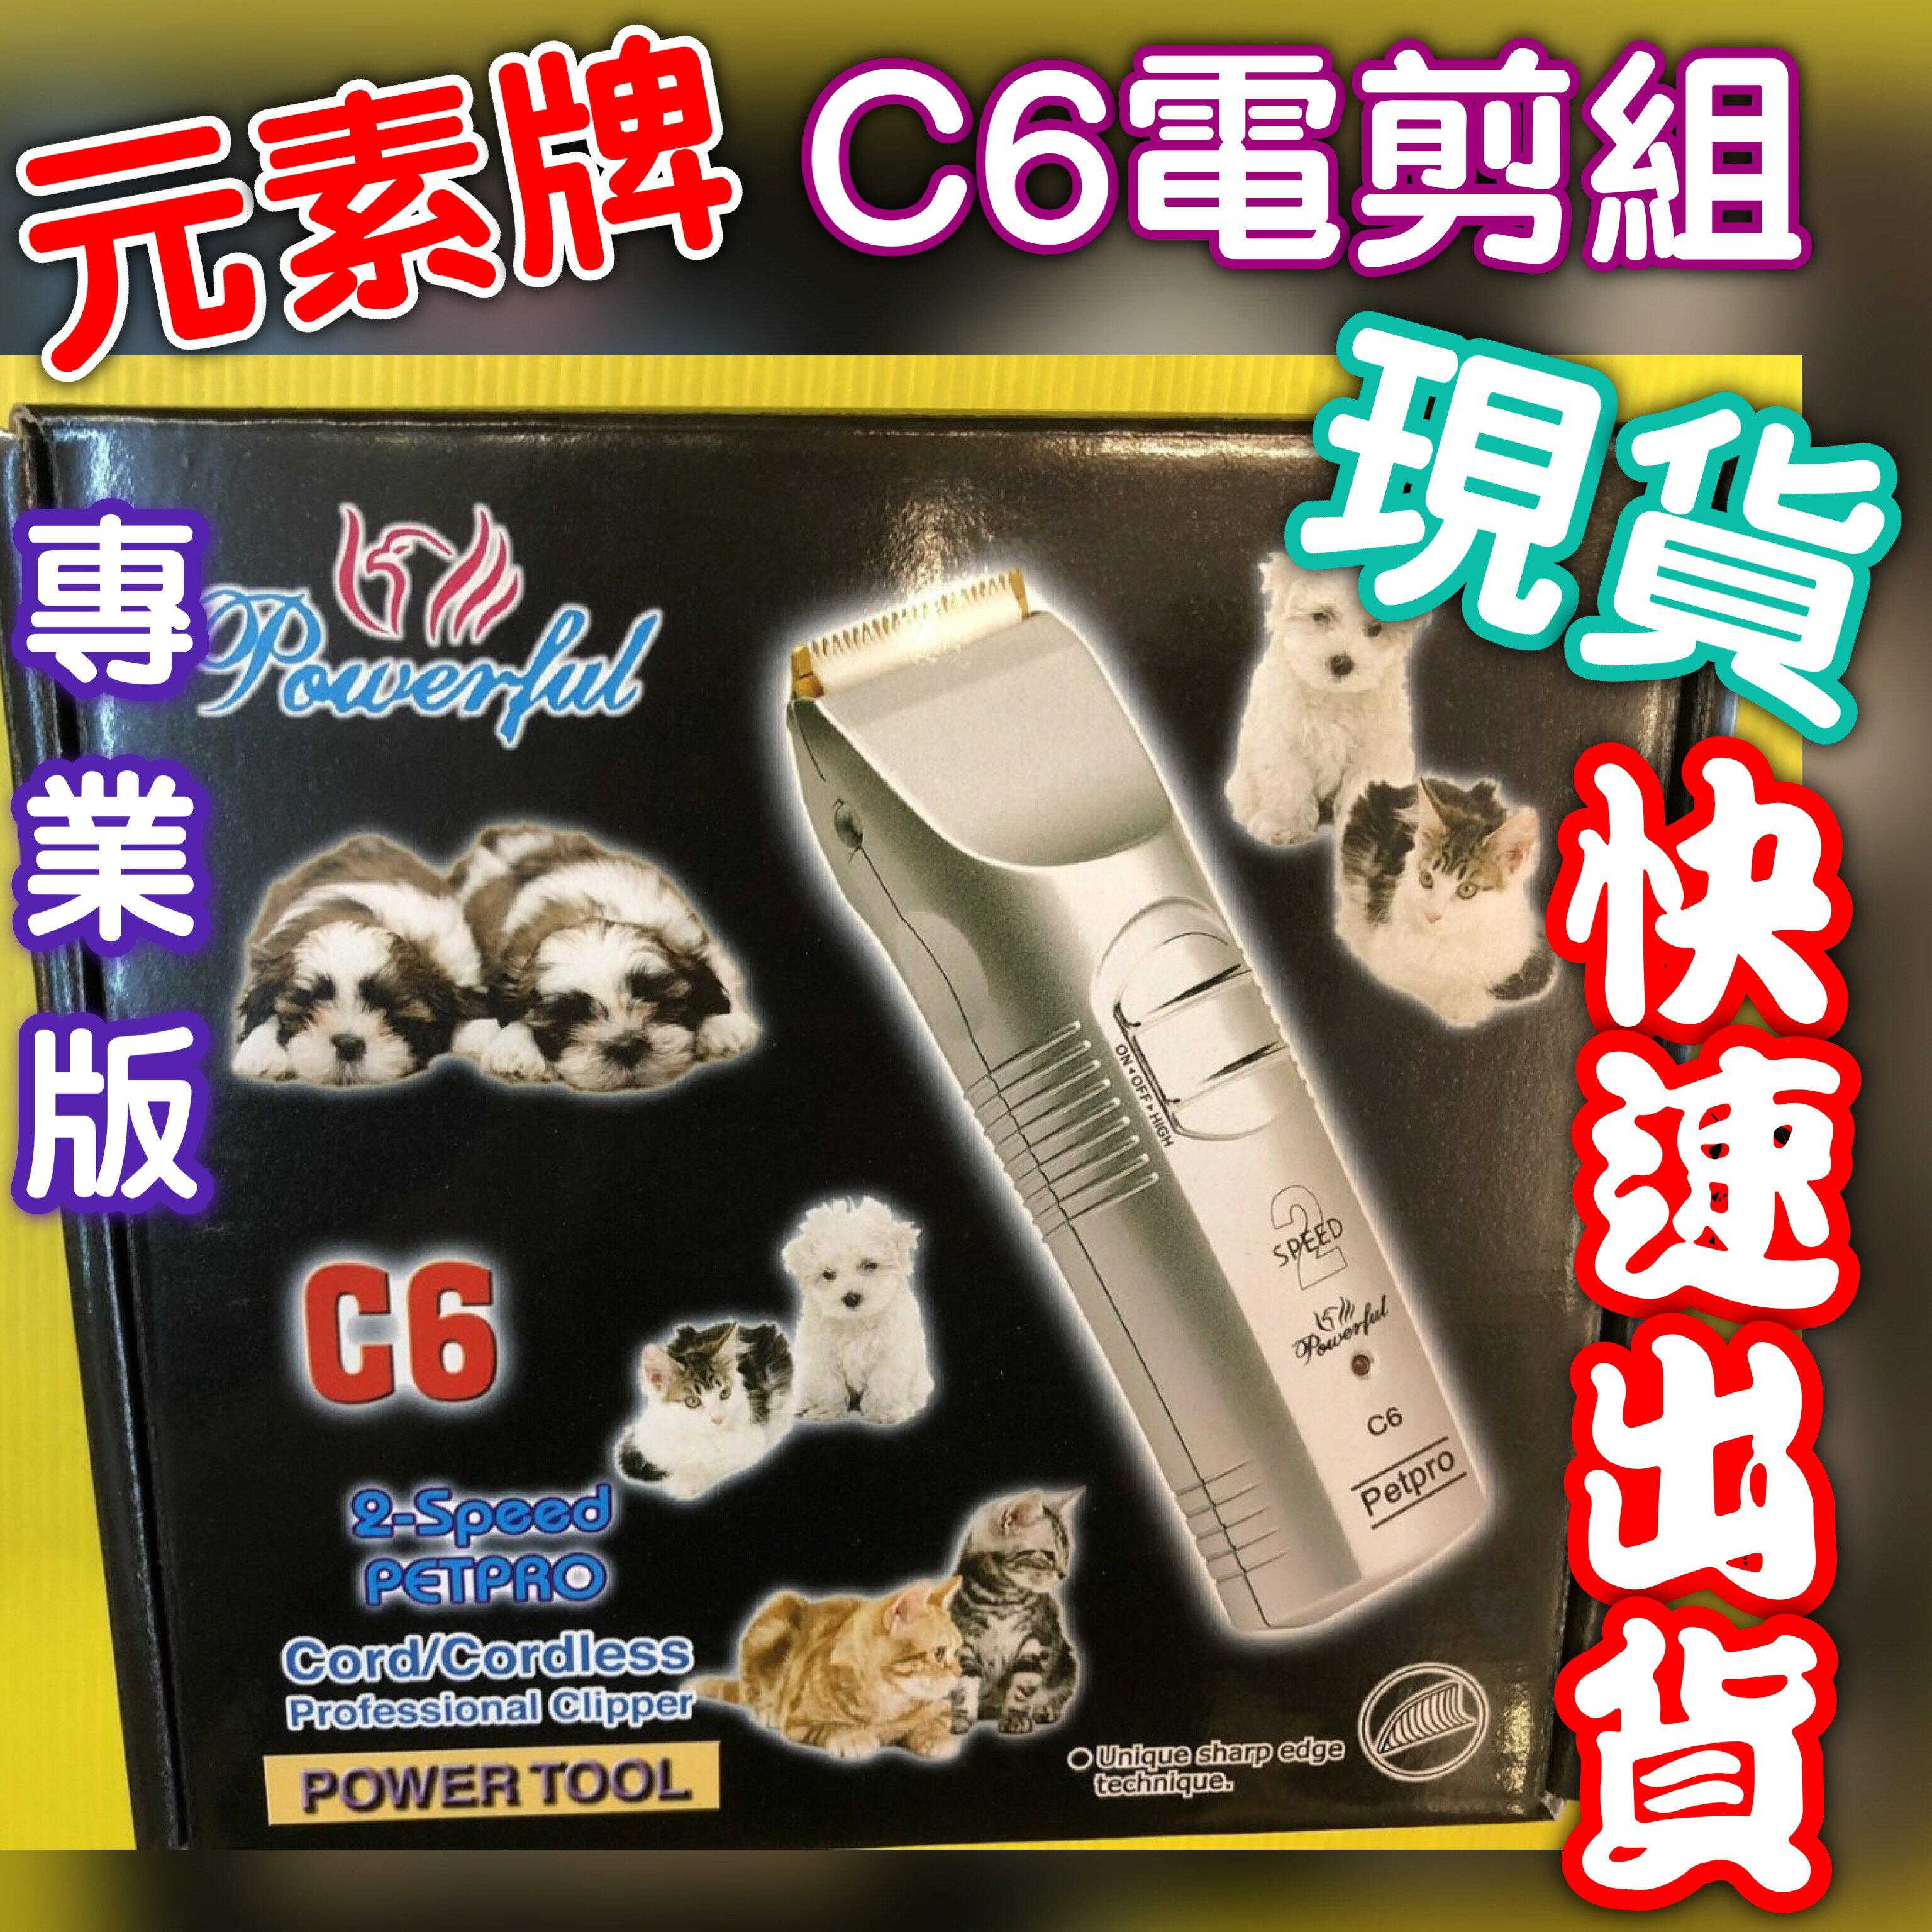 ✪四寶的店✪ELEMENT元素牌 C6-Petpro 陶瓷刀頭專業級寵物美容電剪